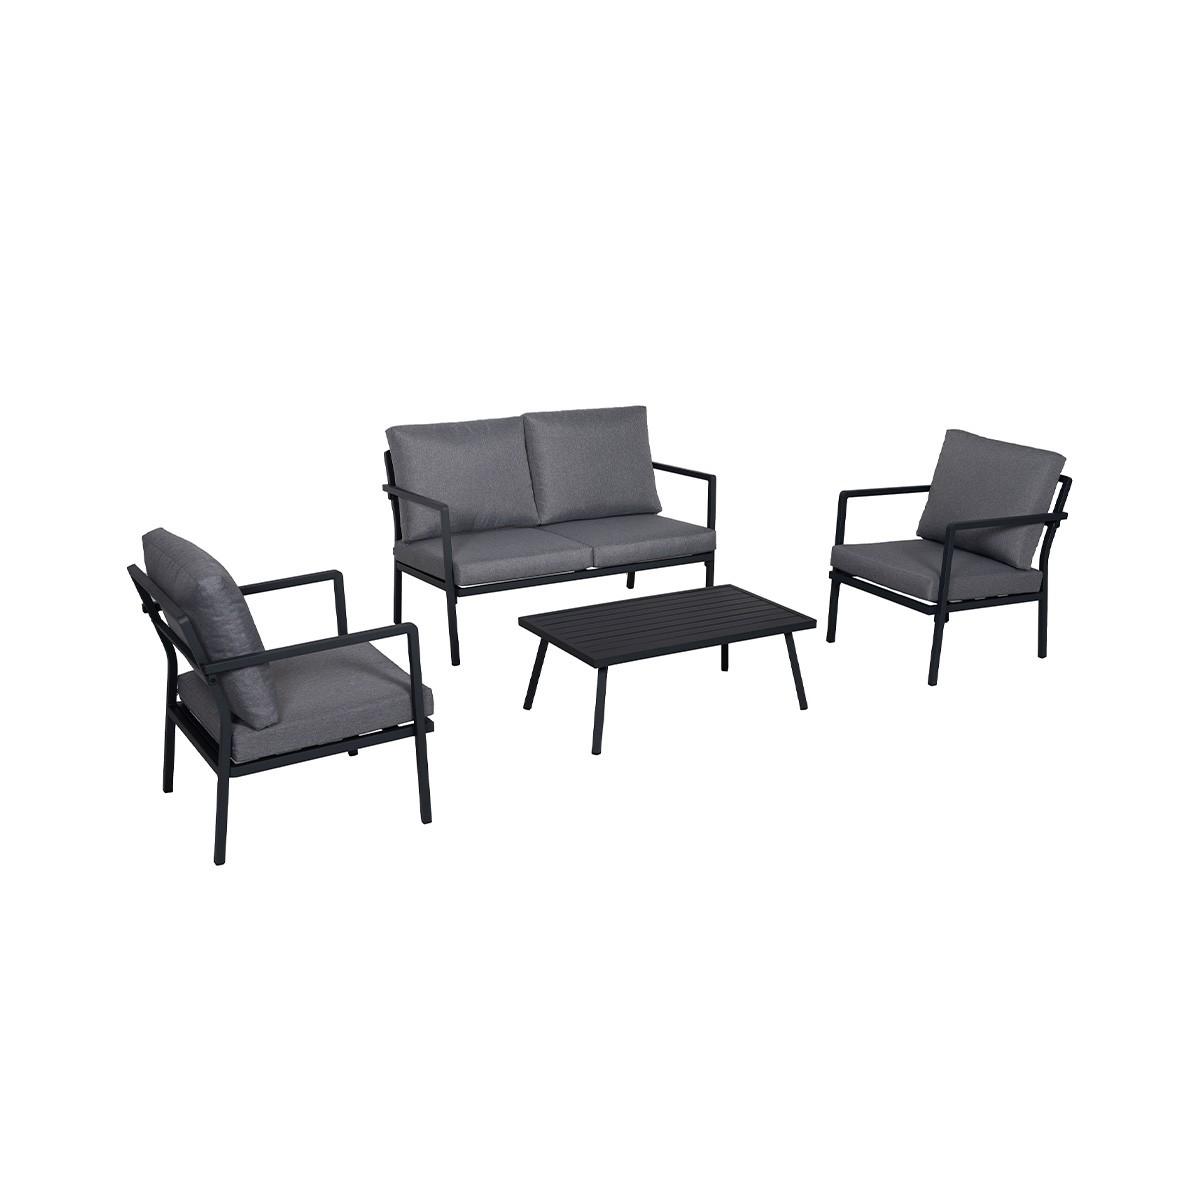 Salon de jardin bas en aluminium 5 places gris foncé - Achat/vente